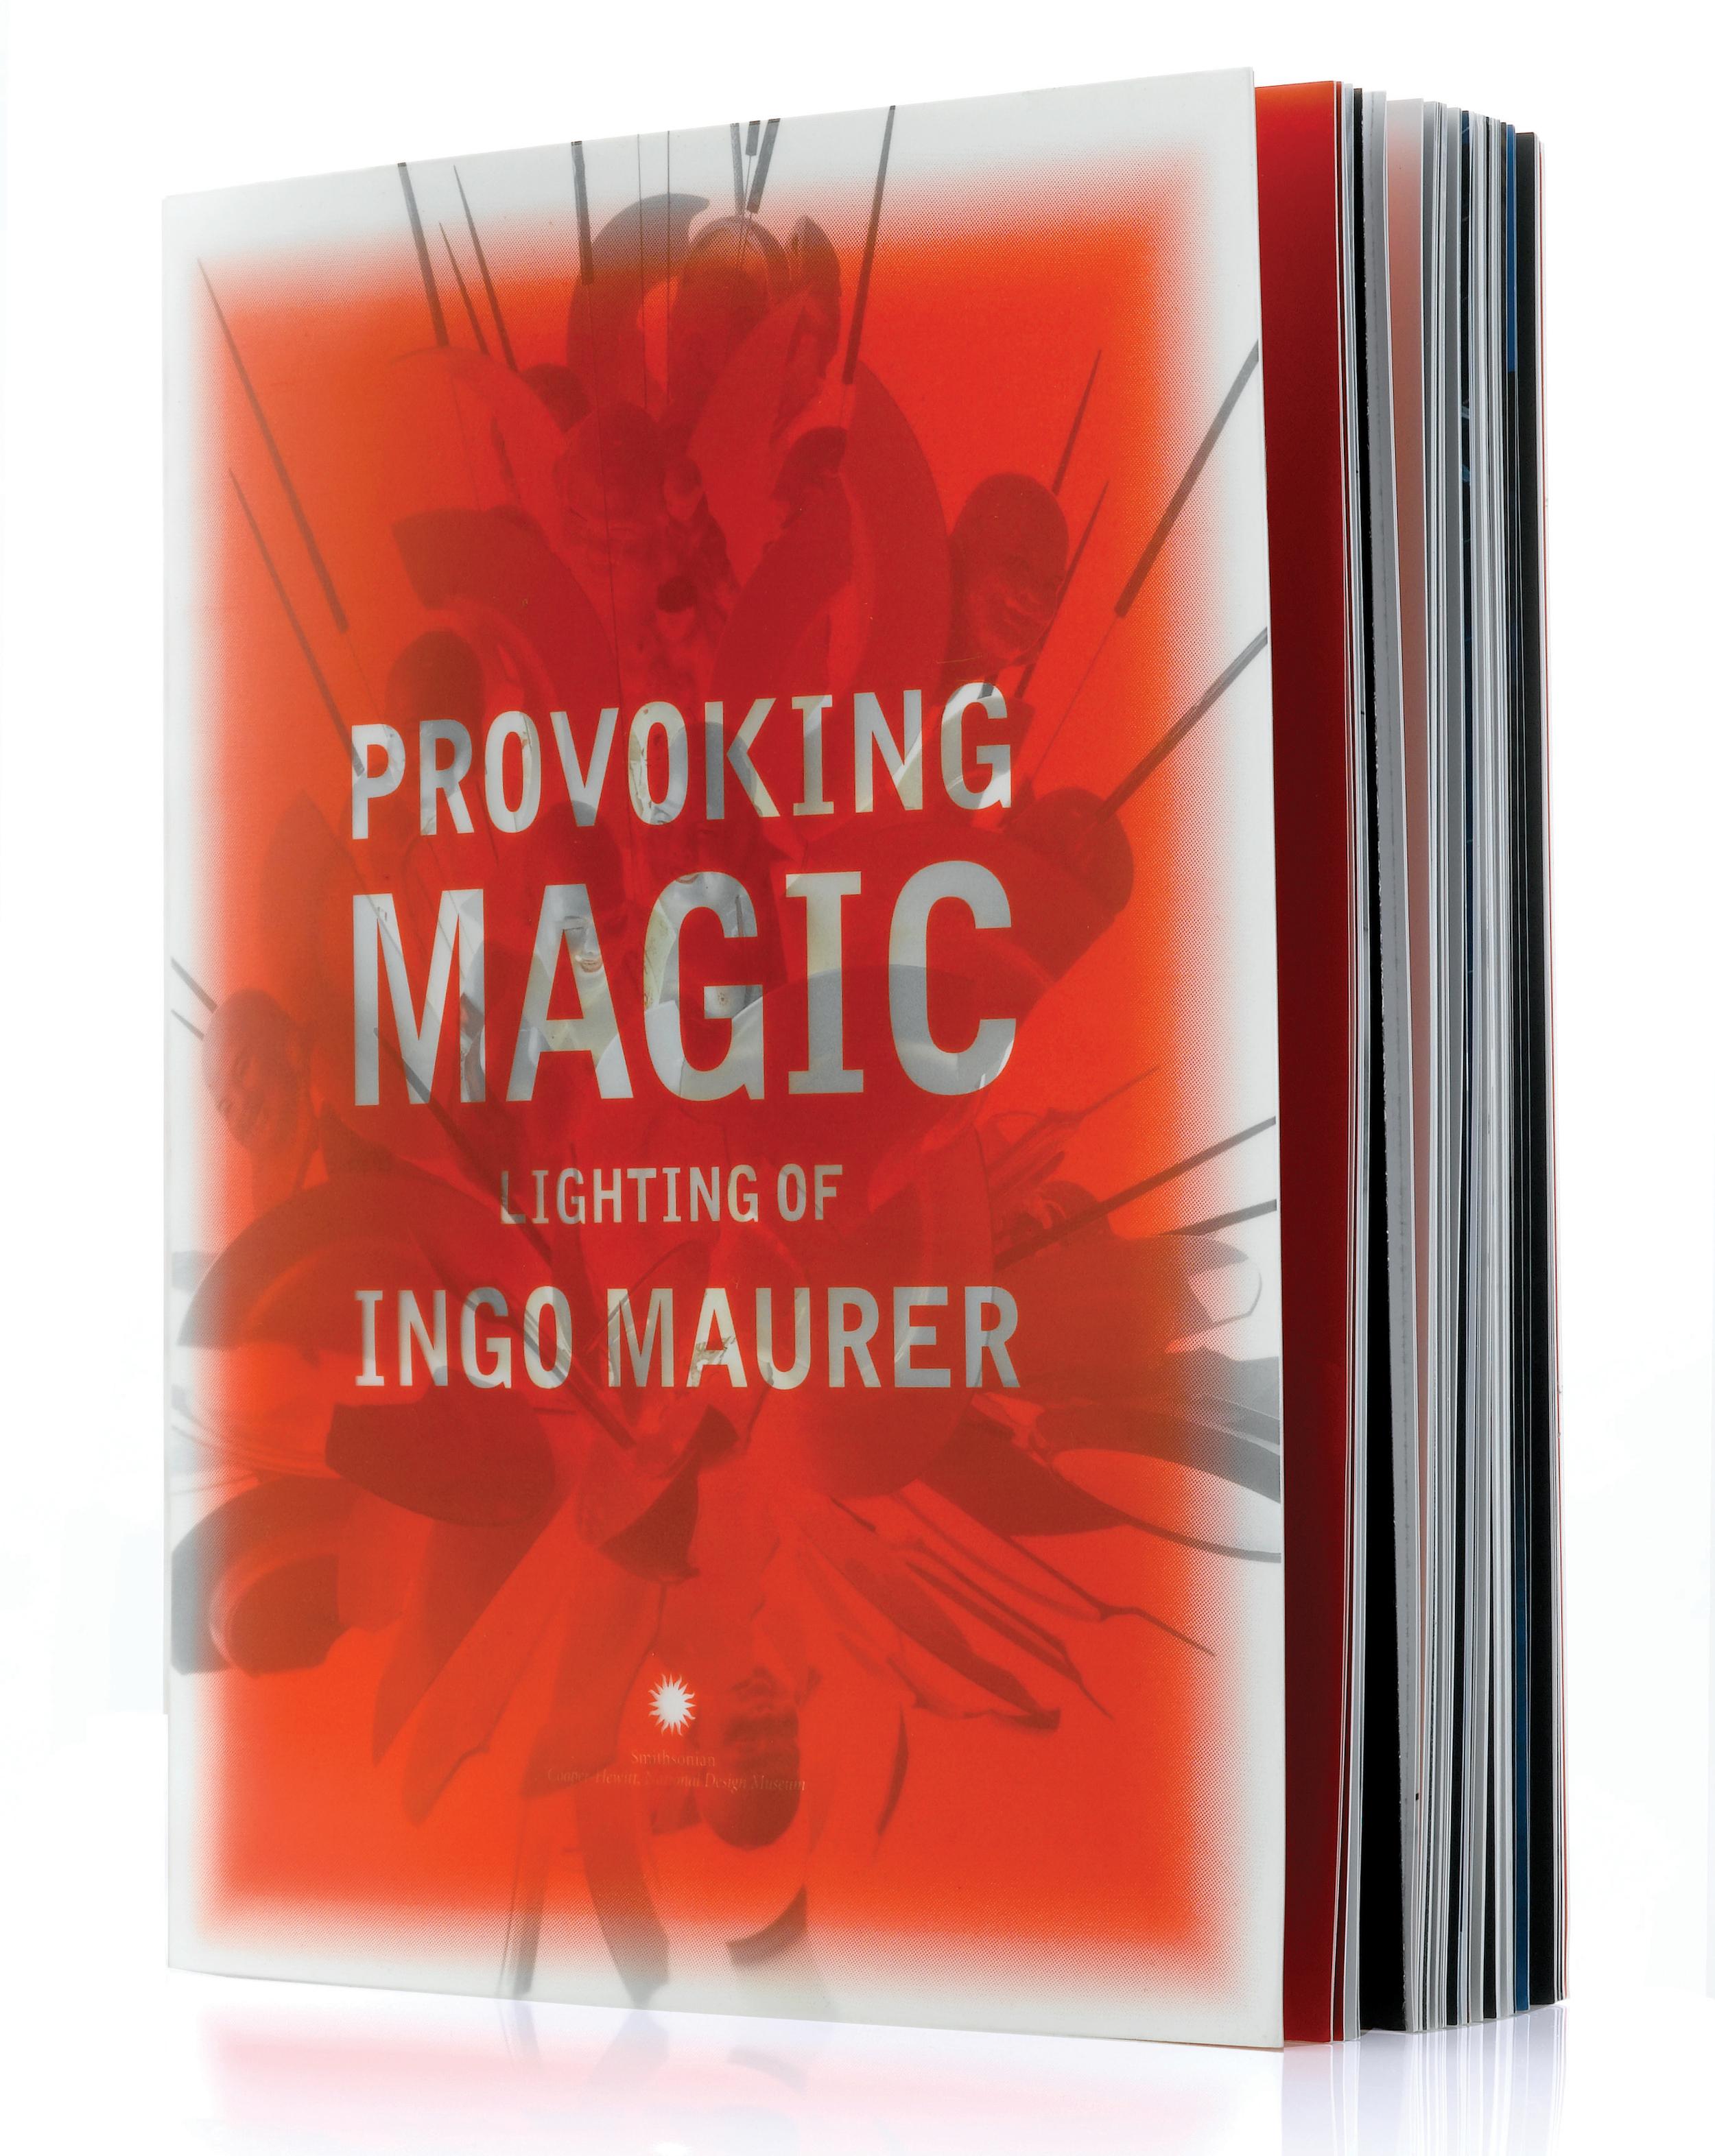 INGO_provoking_magic_cover-2_BEH.jpg